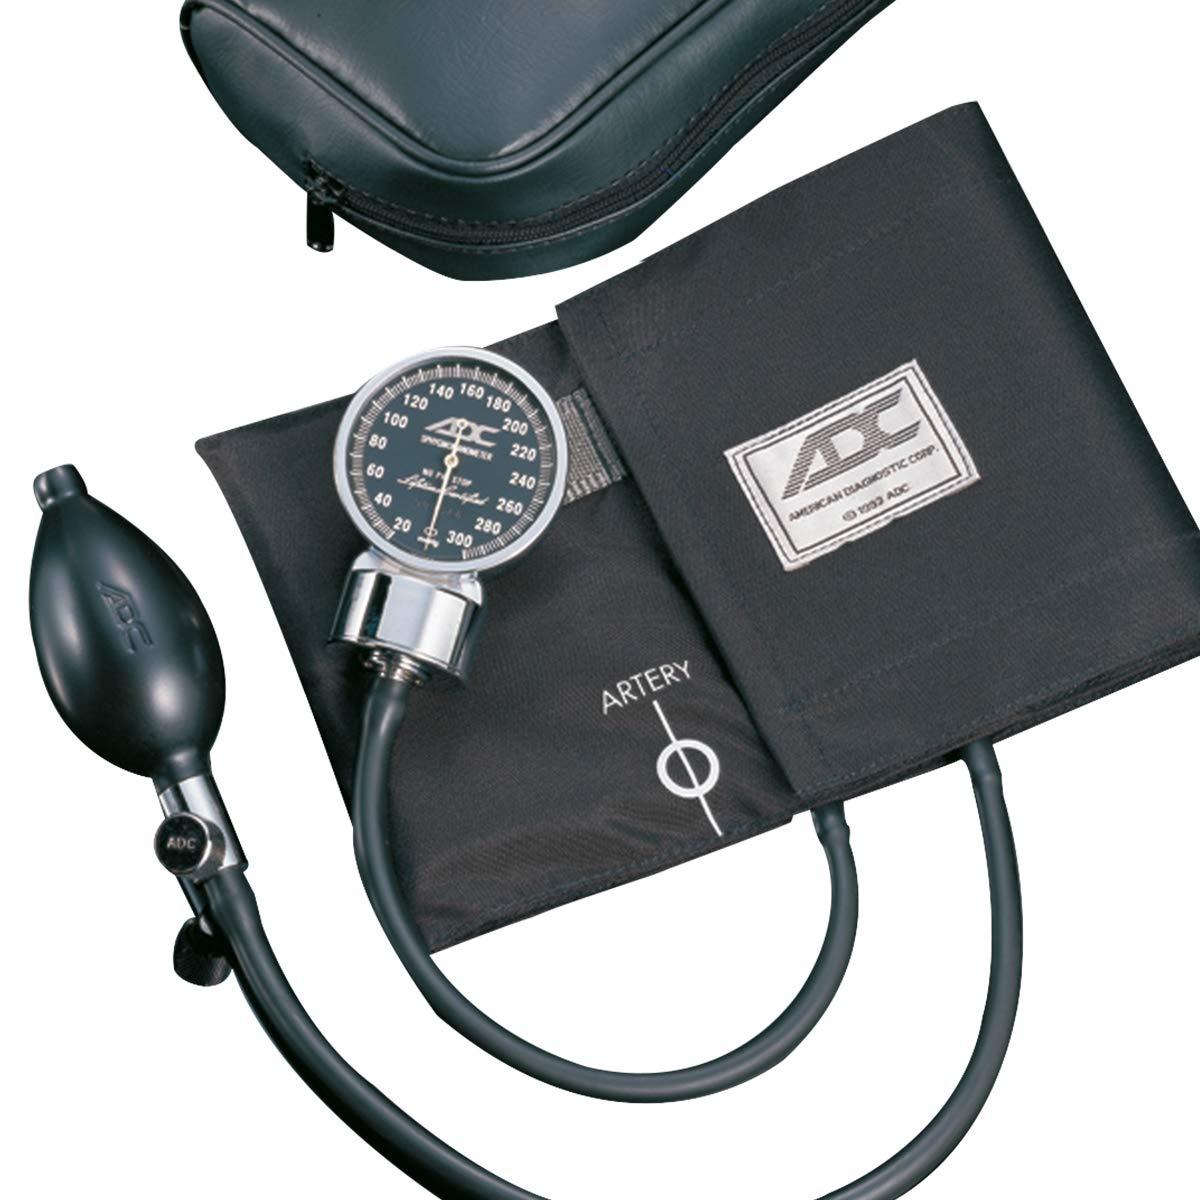 American Diagnostic 1017483 Blood Pressure Cuff Diagnostix 700 Adult Black